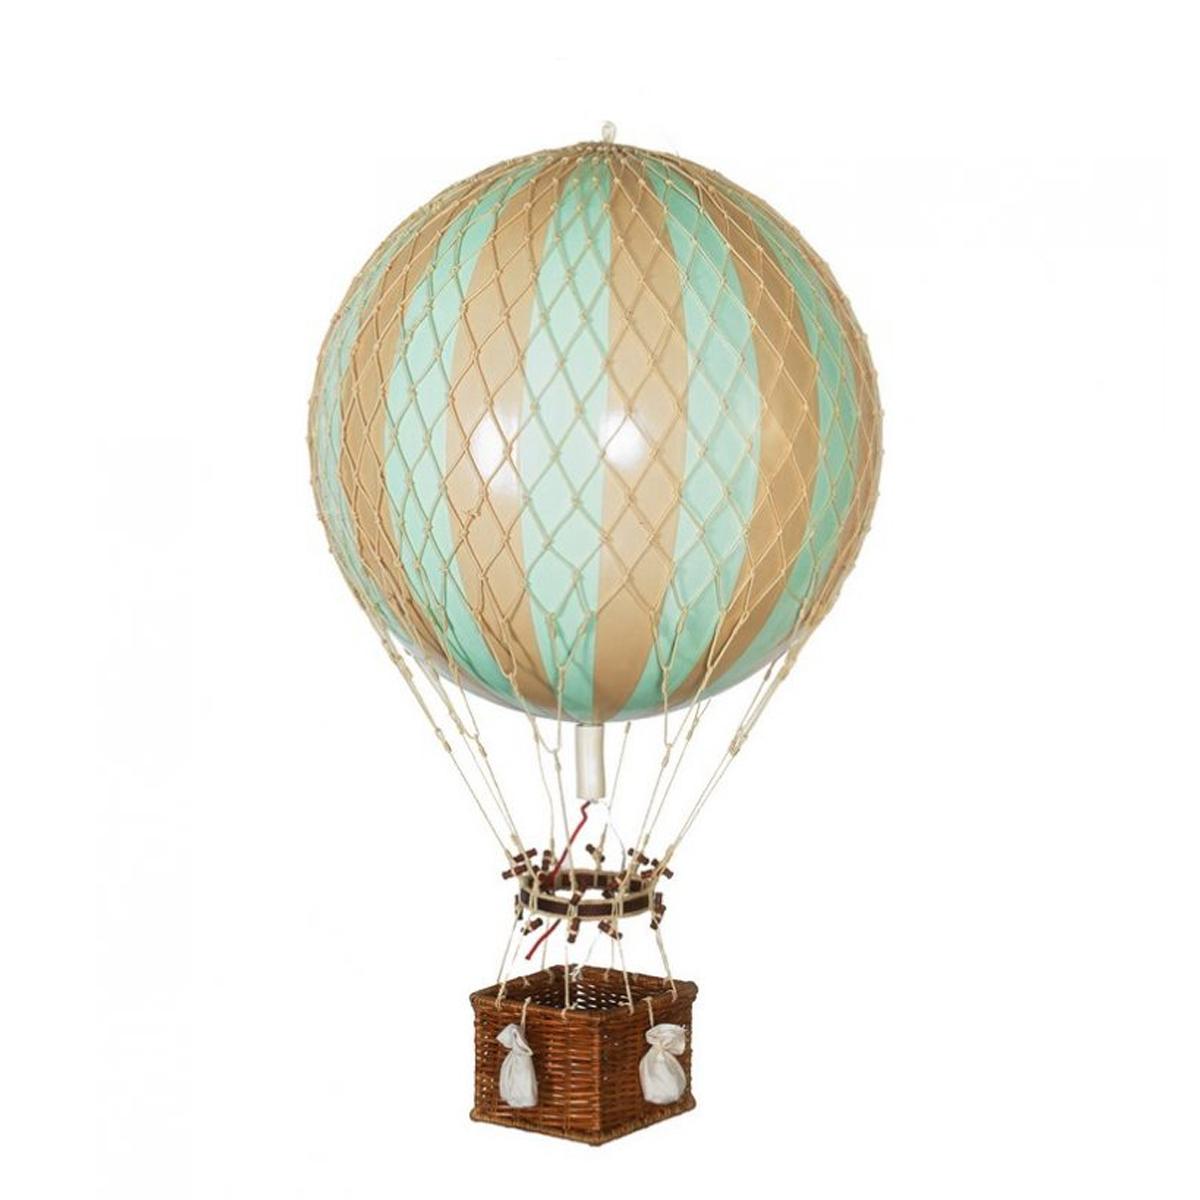 Image of Authentic Models luftballon 18 cm - mint